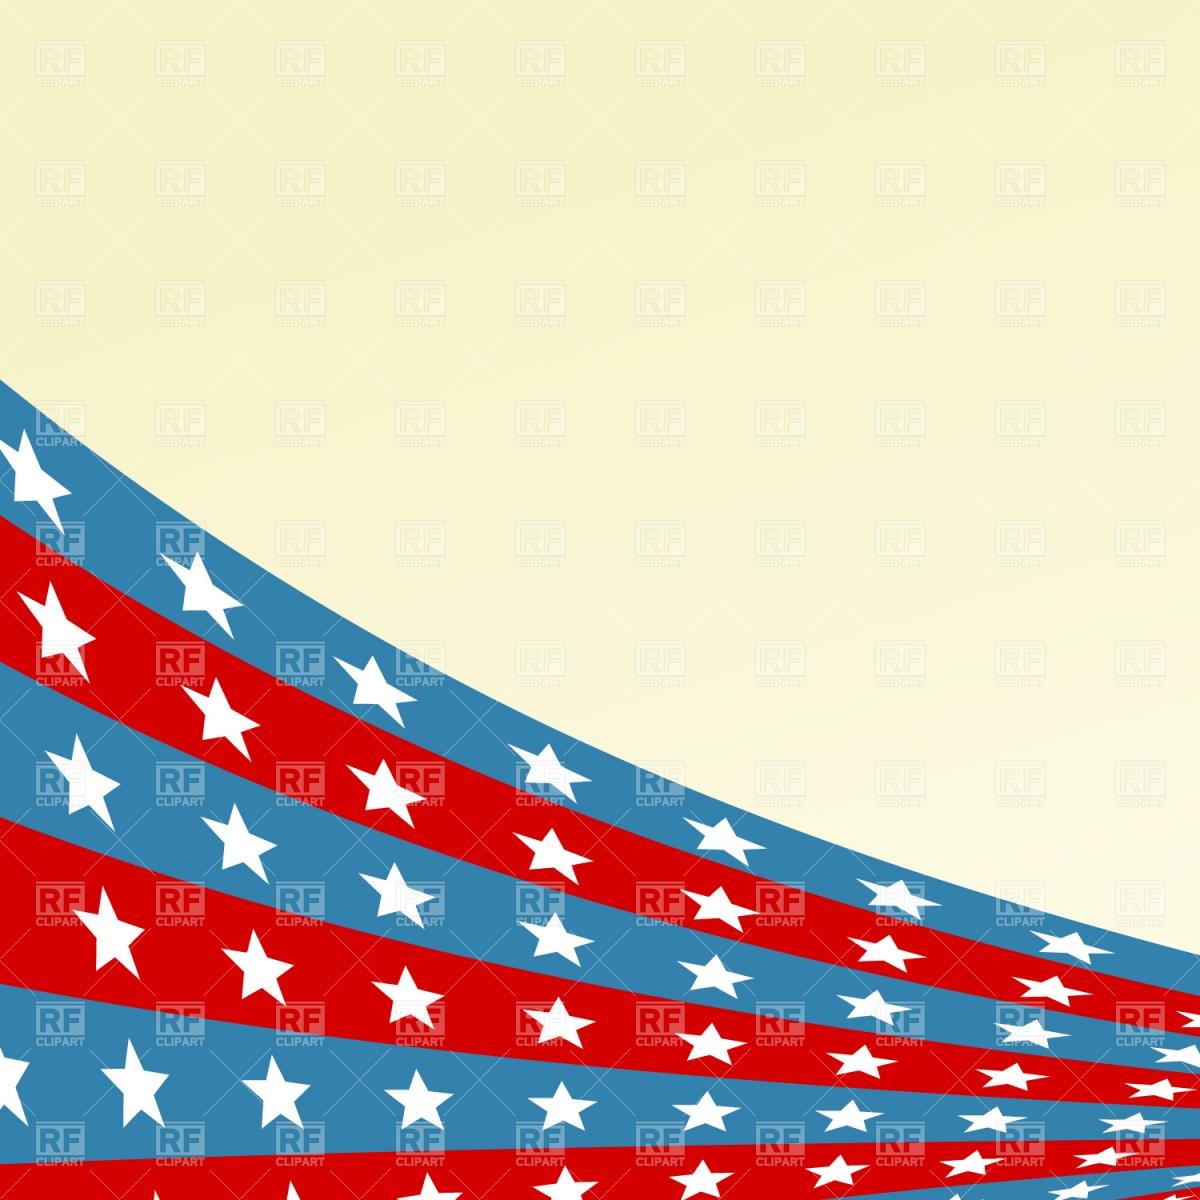 Patriotic Background Images   Clipartsco 1200x1200